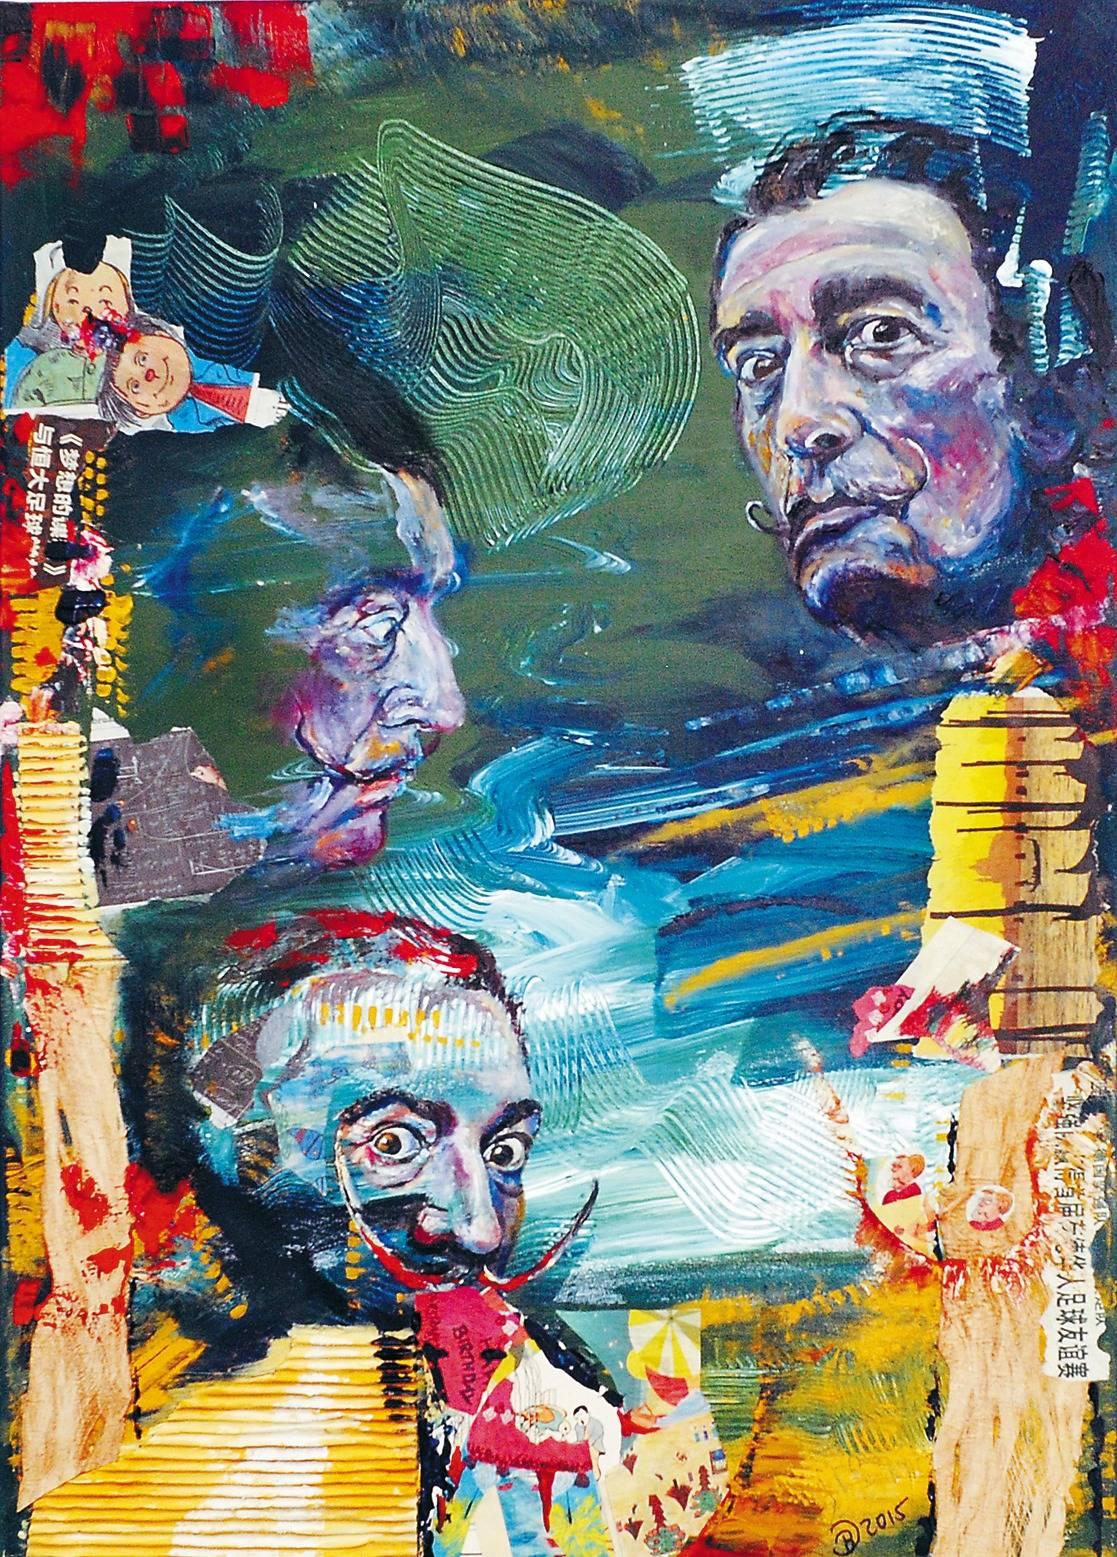 Künstler Heidelberg künstler aus dem umfeld der heidelberger galerie melnikow zeigen